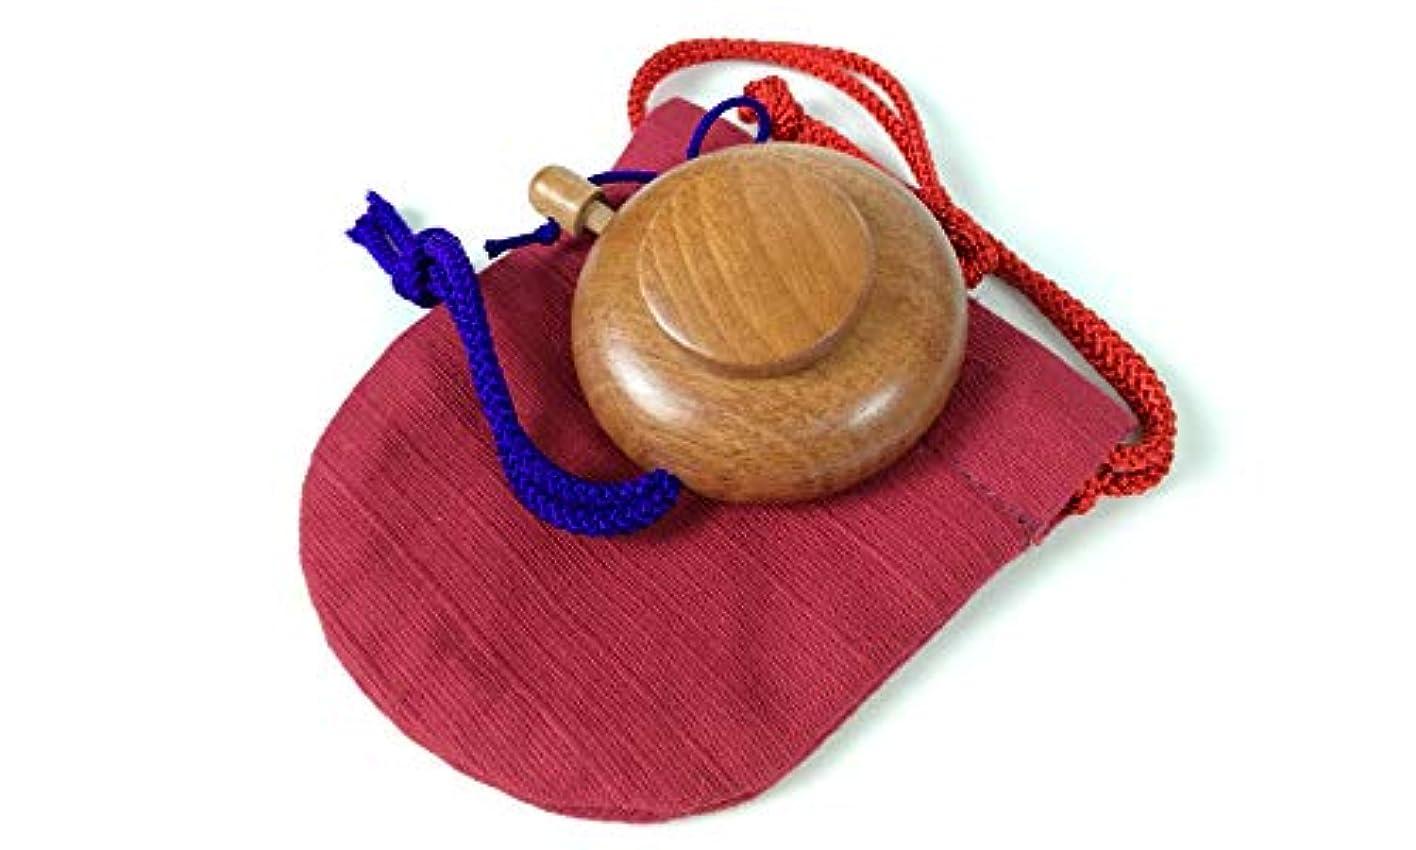 塗香入れ 桜 黒檀 紫檀 サイズ選択 小 大 塗香入れ袋付き 携帯用 (小, 桜赤)